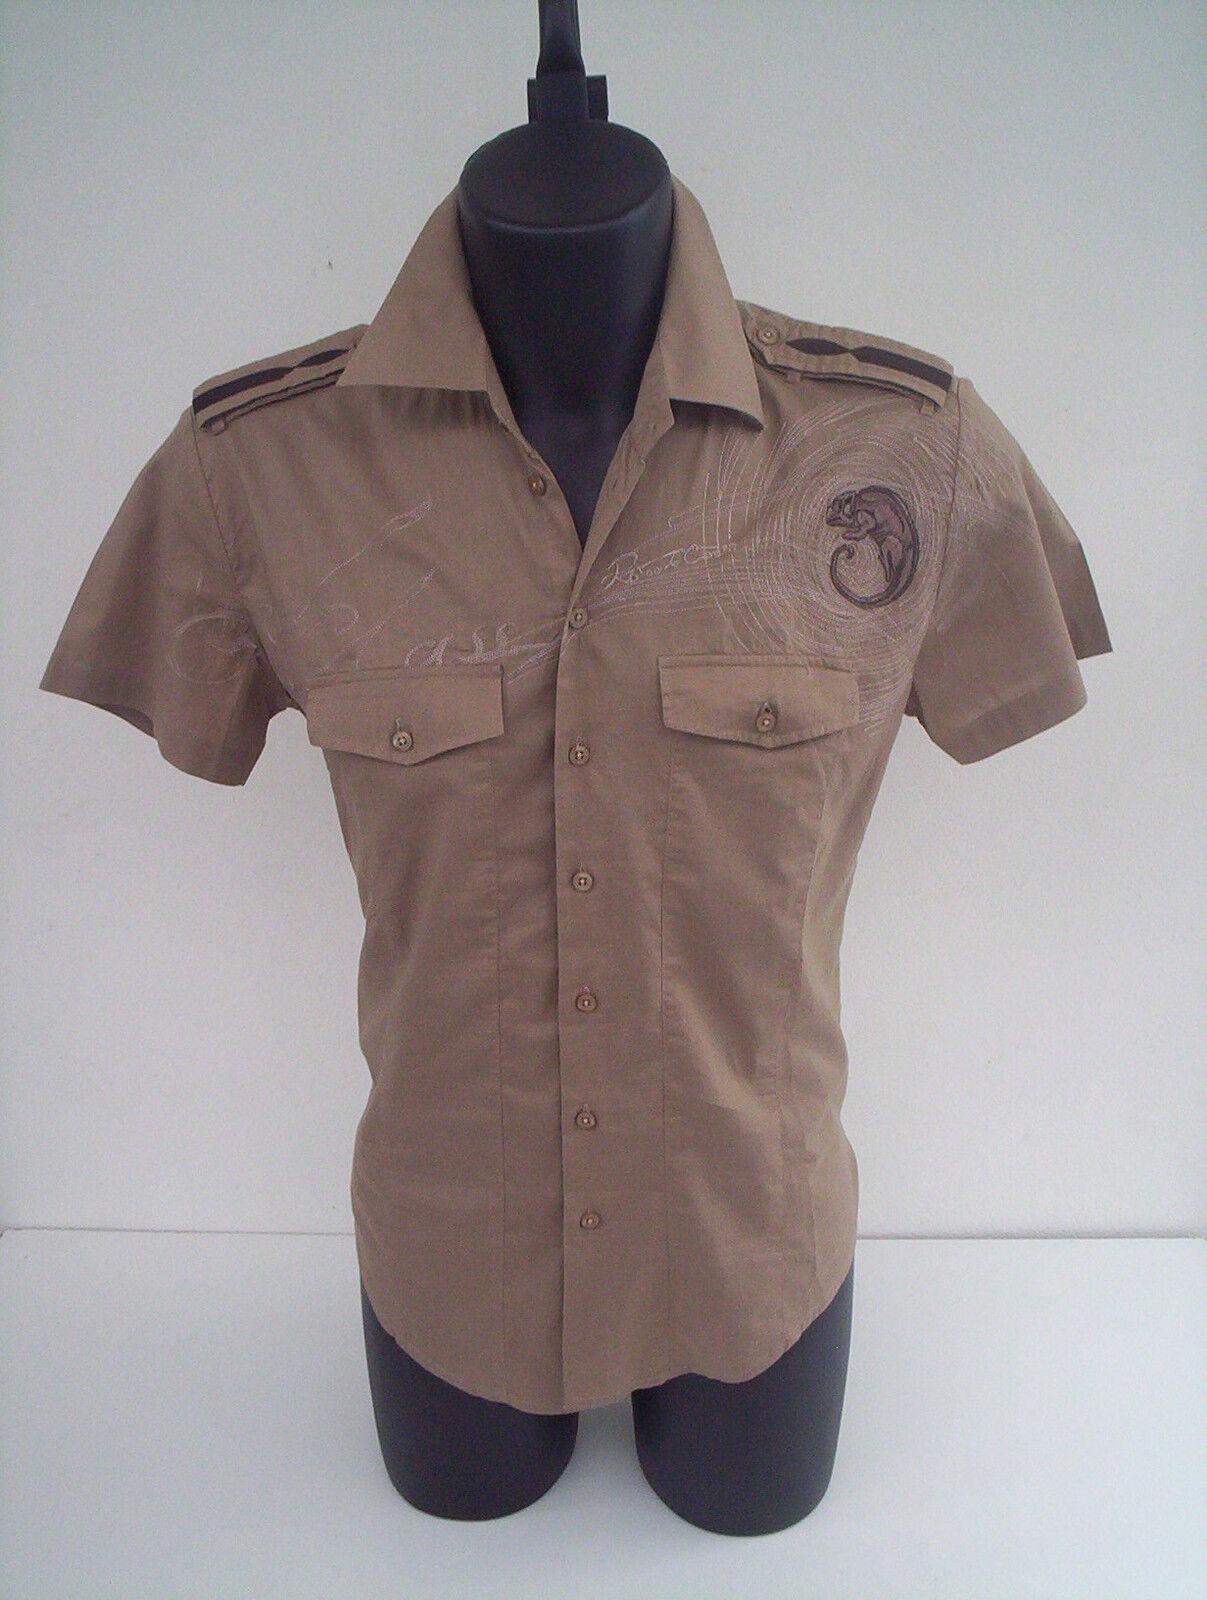 Camicia Roberto Cavalli,manica corta,ricamo JEKO,Marroneee,tg 46